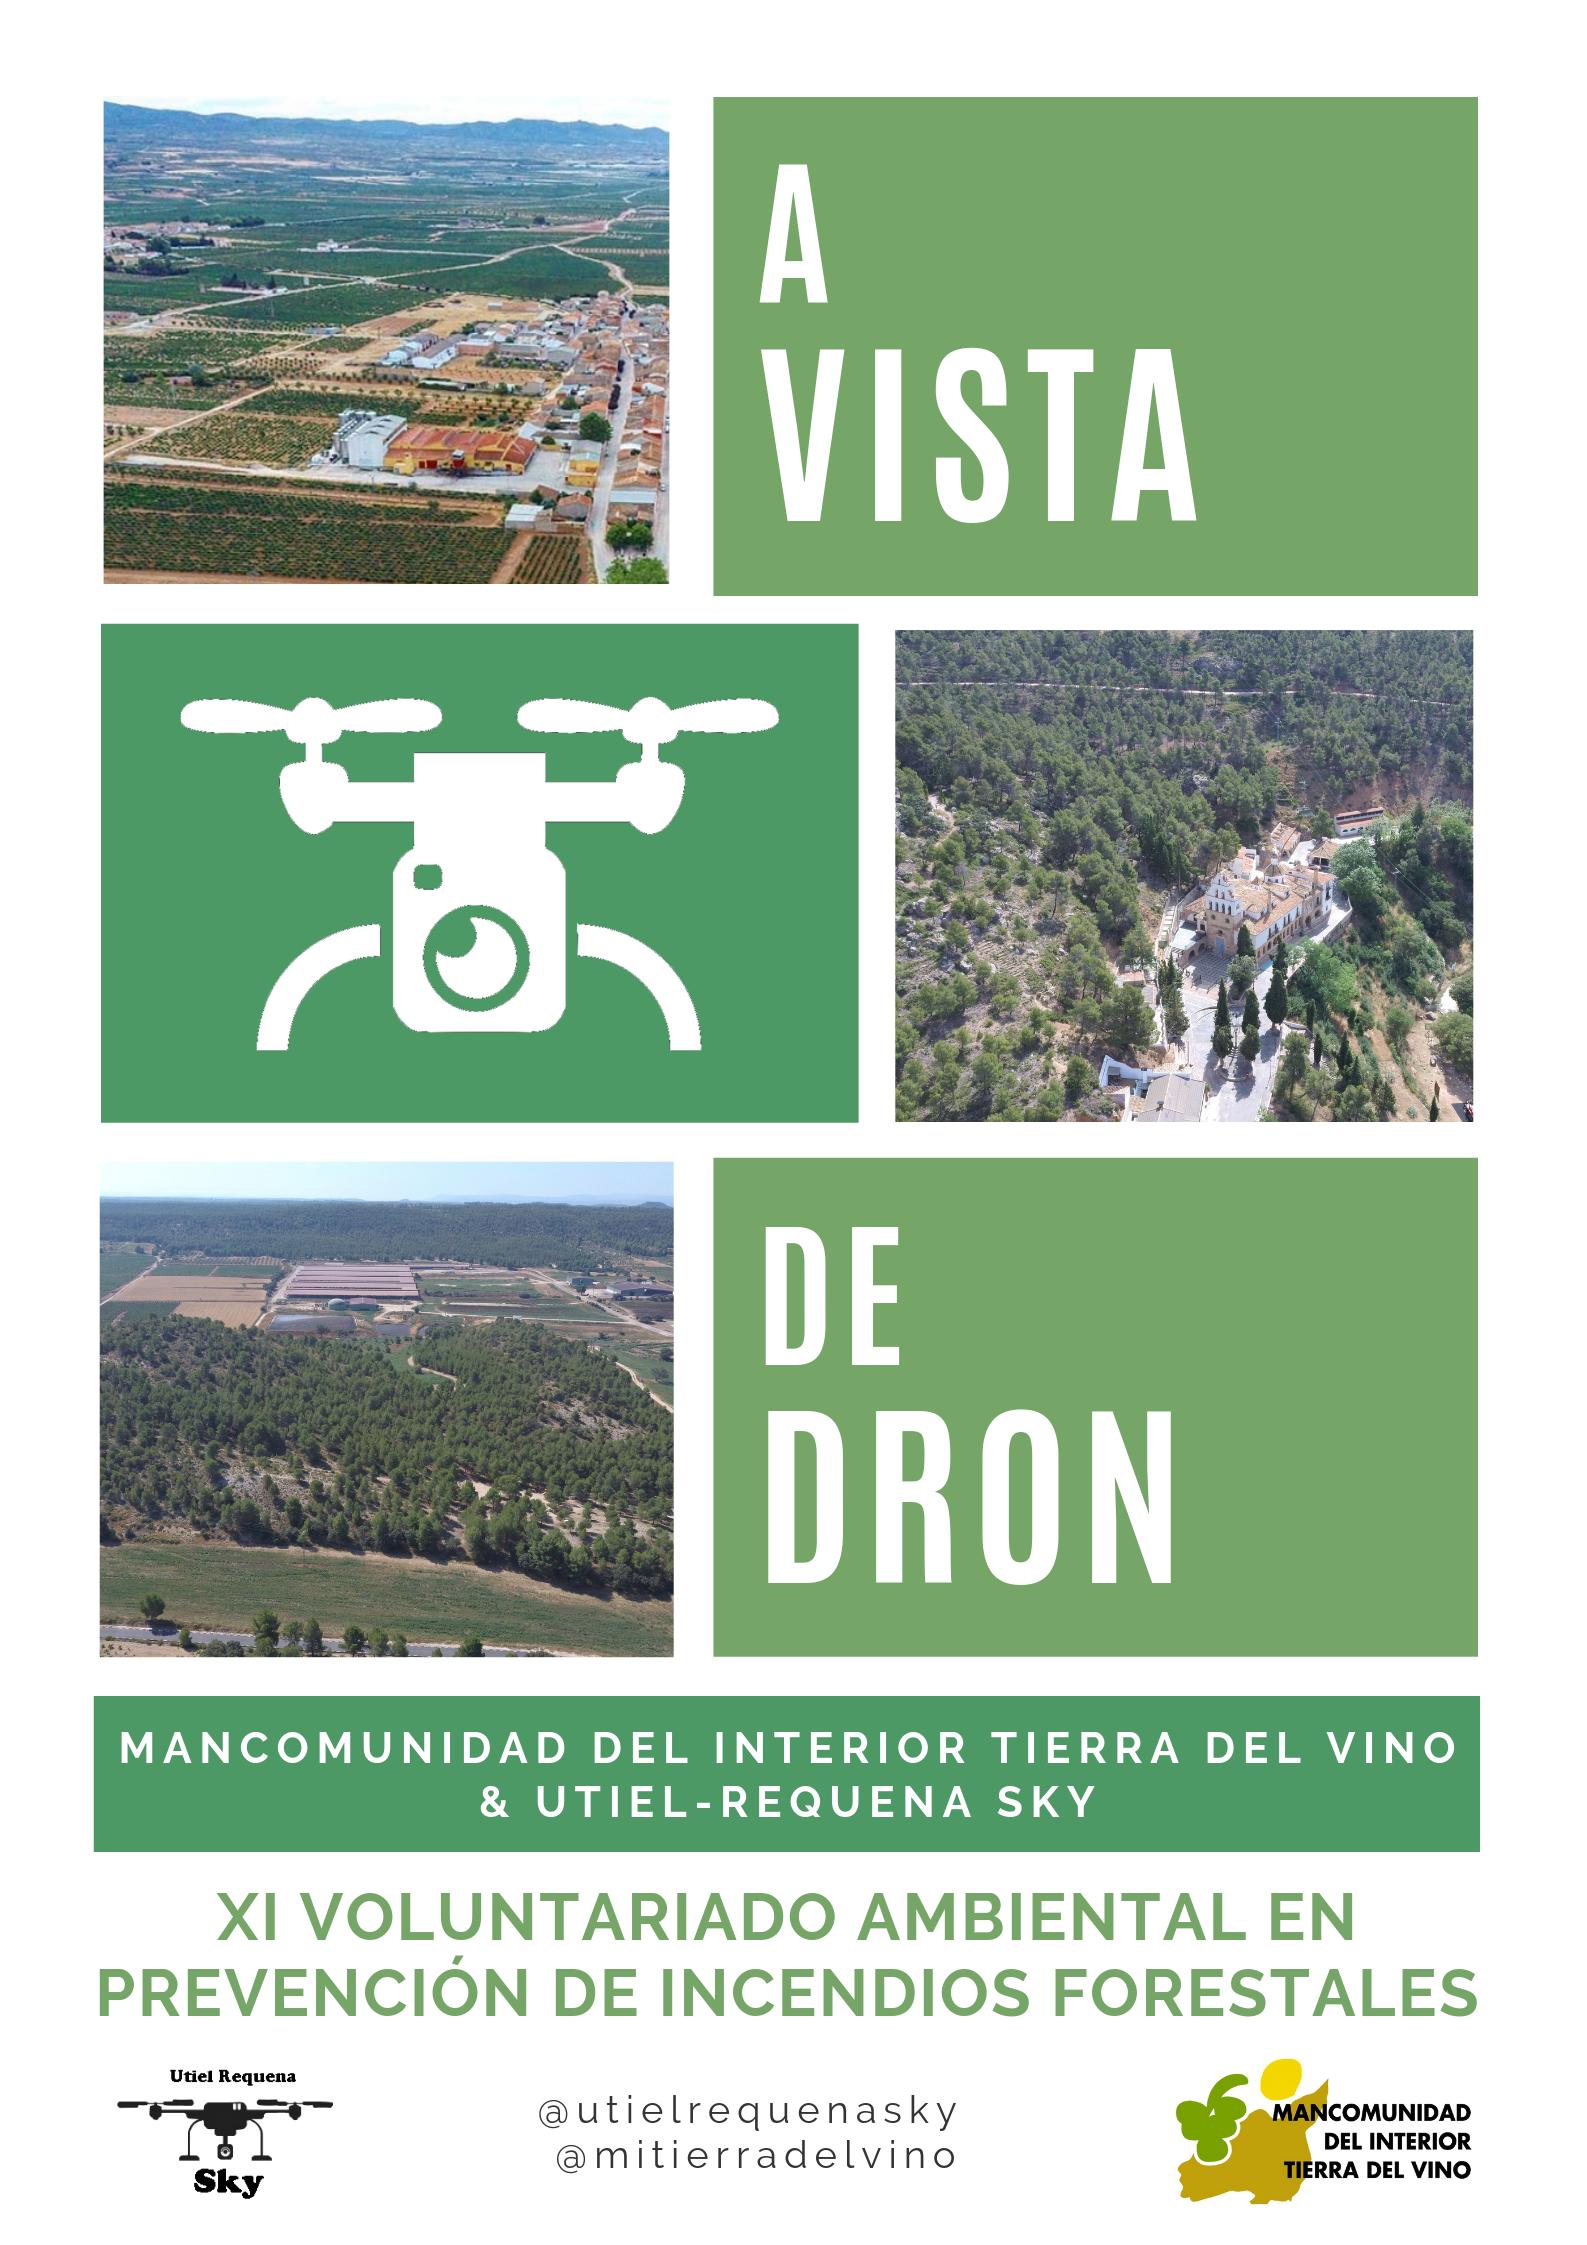 Para divulgar el patrimonio cultural de nuestra comarca desde otra perspectiva y visibilizar el trabajo del voluntariado